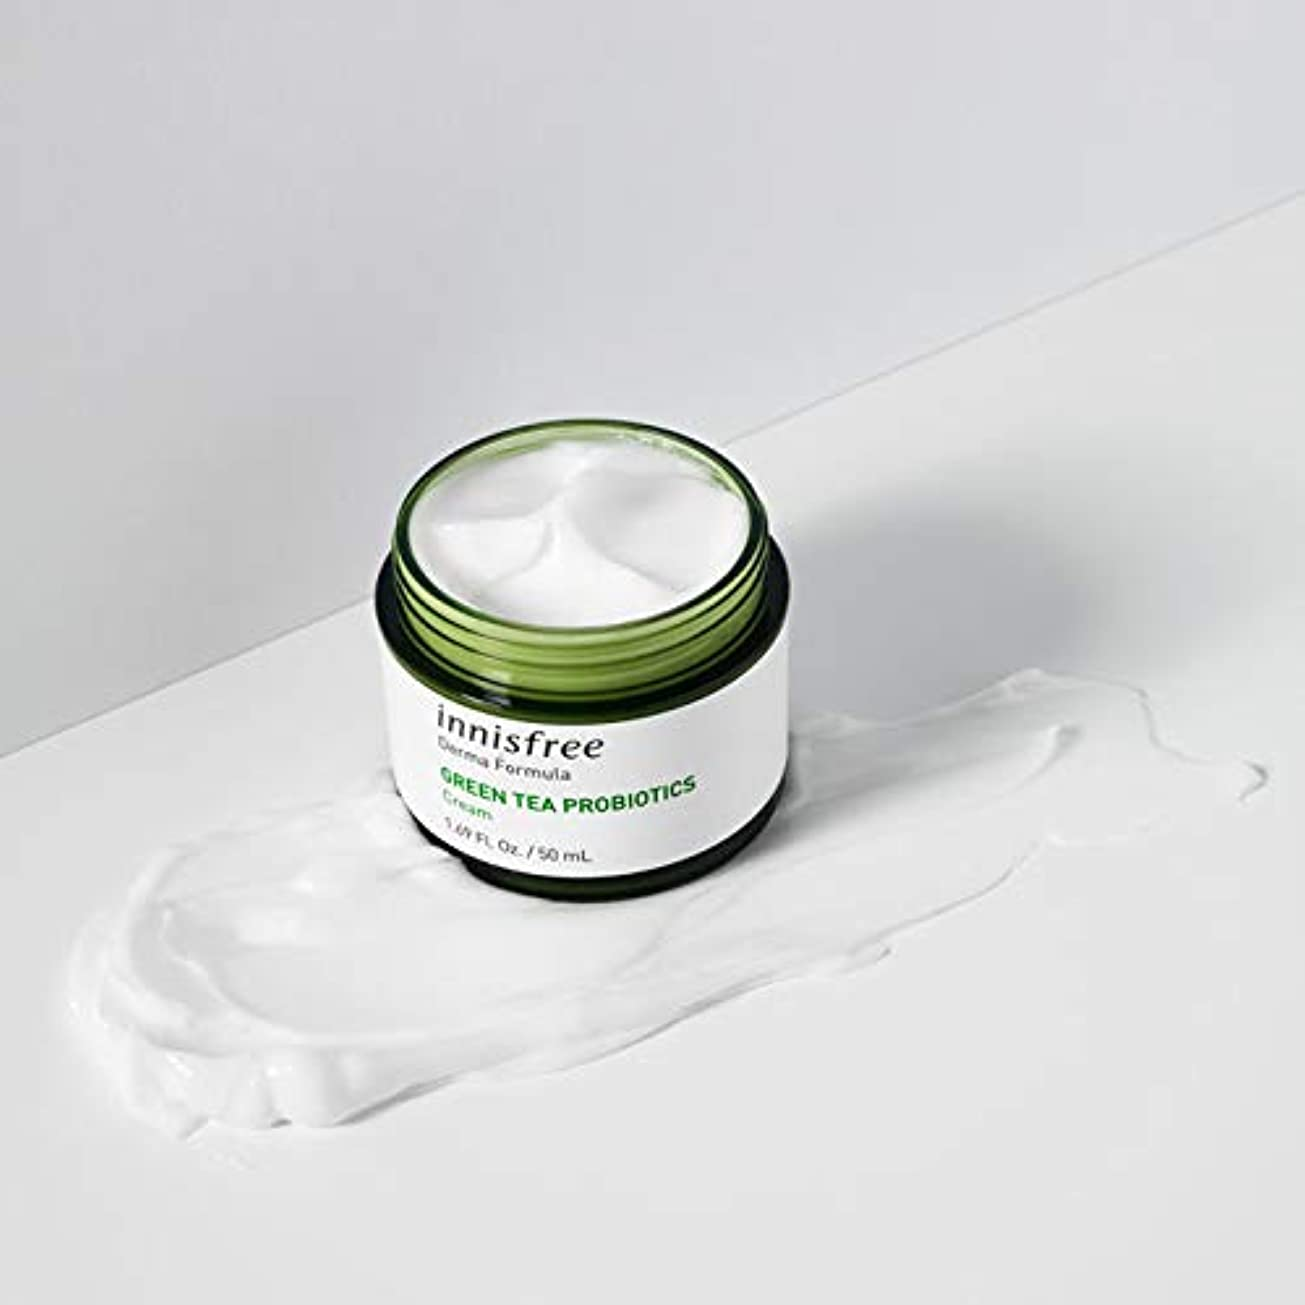 敬意おかしい歩き回る[イニスフリー.innisfree]ダーマフォーミュラグリーンティープロバイオティクスクリーム50mL(2019.09 new)/ Derma Formula Green Tea Probiotics Cream